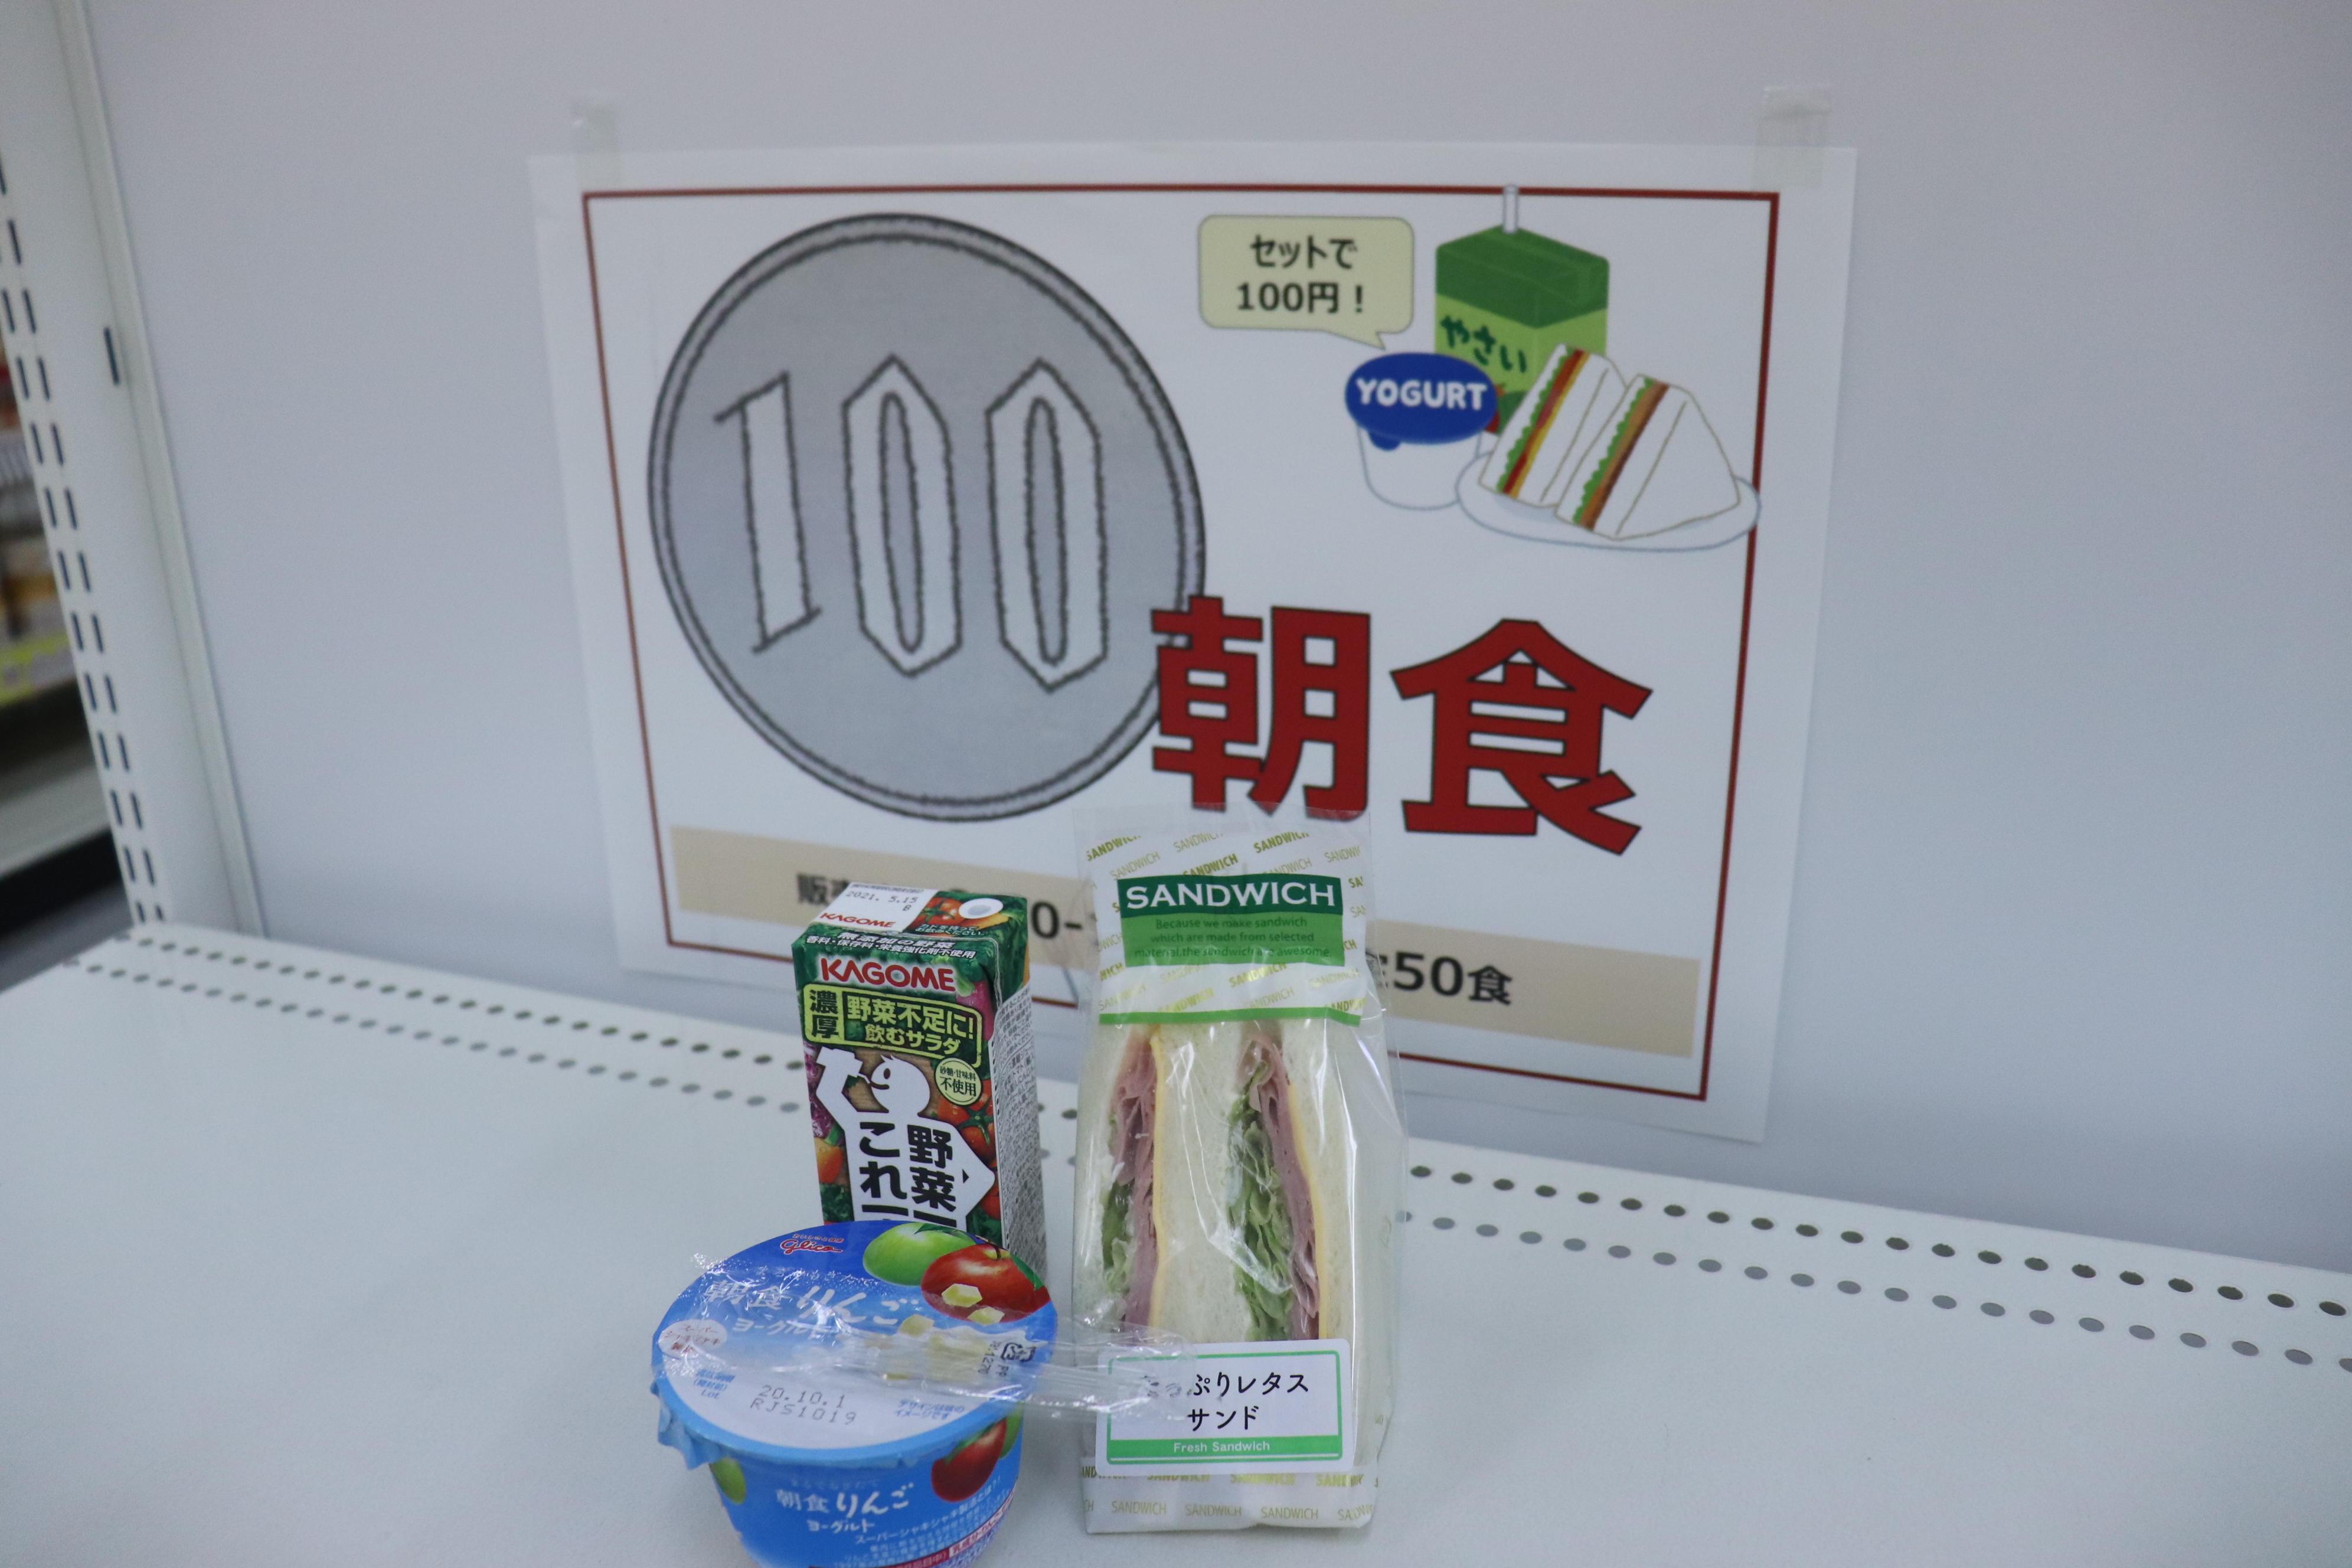 長引くコロナで崩れた生活リズムを整えよう!一部対面授業開始に伴う100円朝食販売開始 -- 東京経済大学